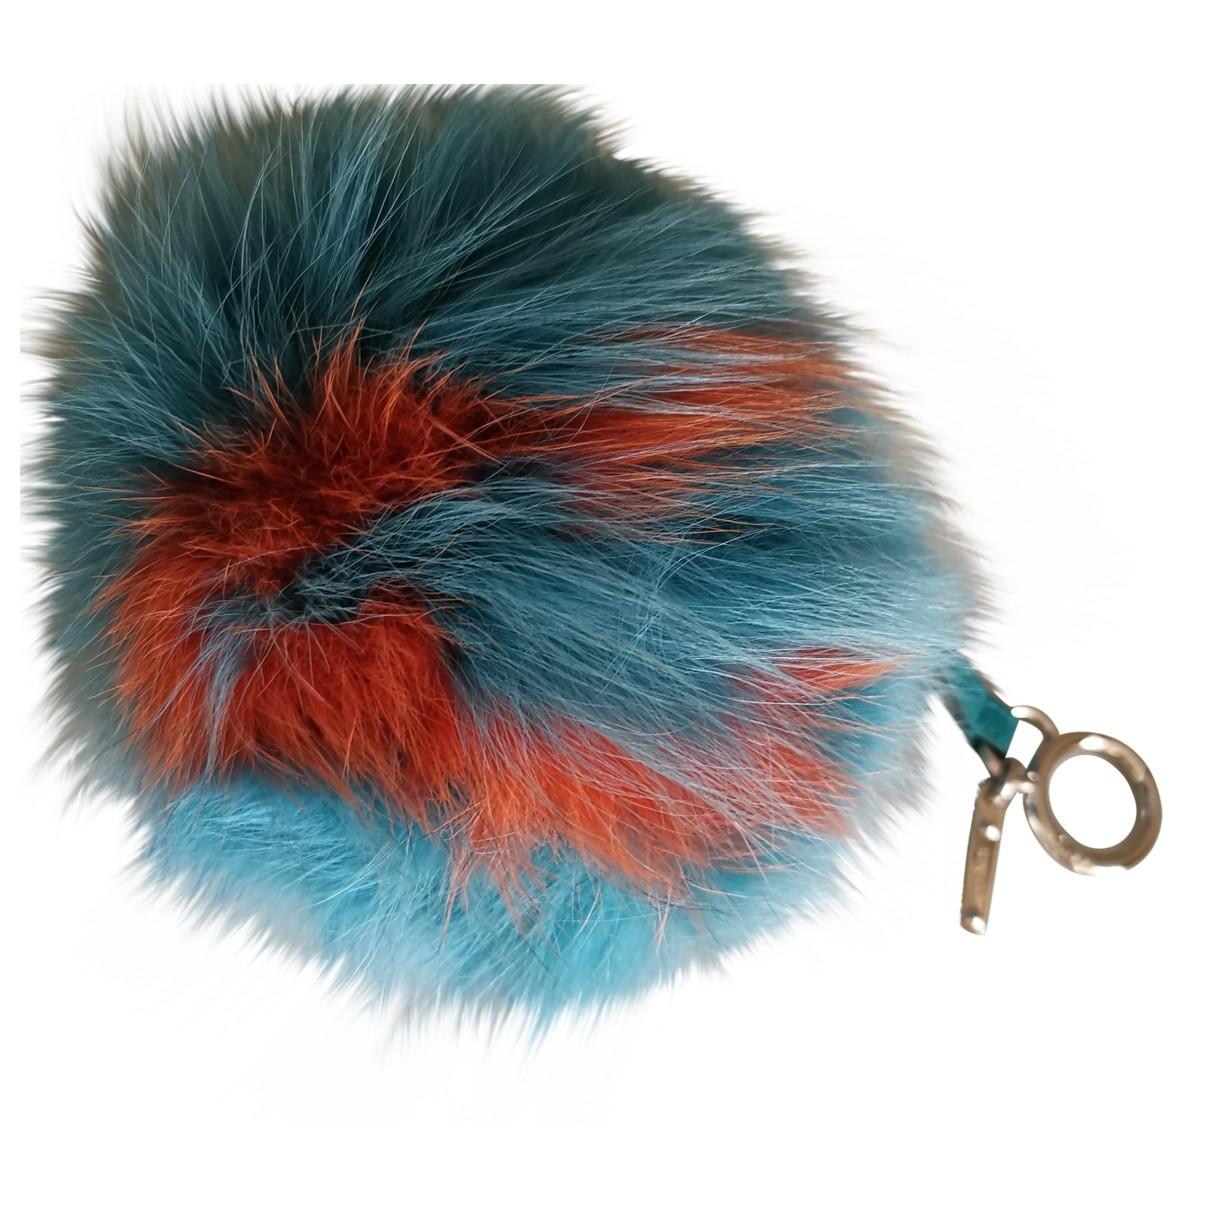 Fendi - Bijoux de sac Pompon pour femme en renard - turquoise